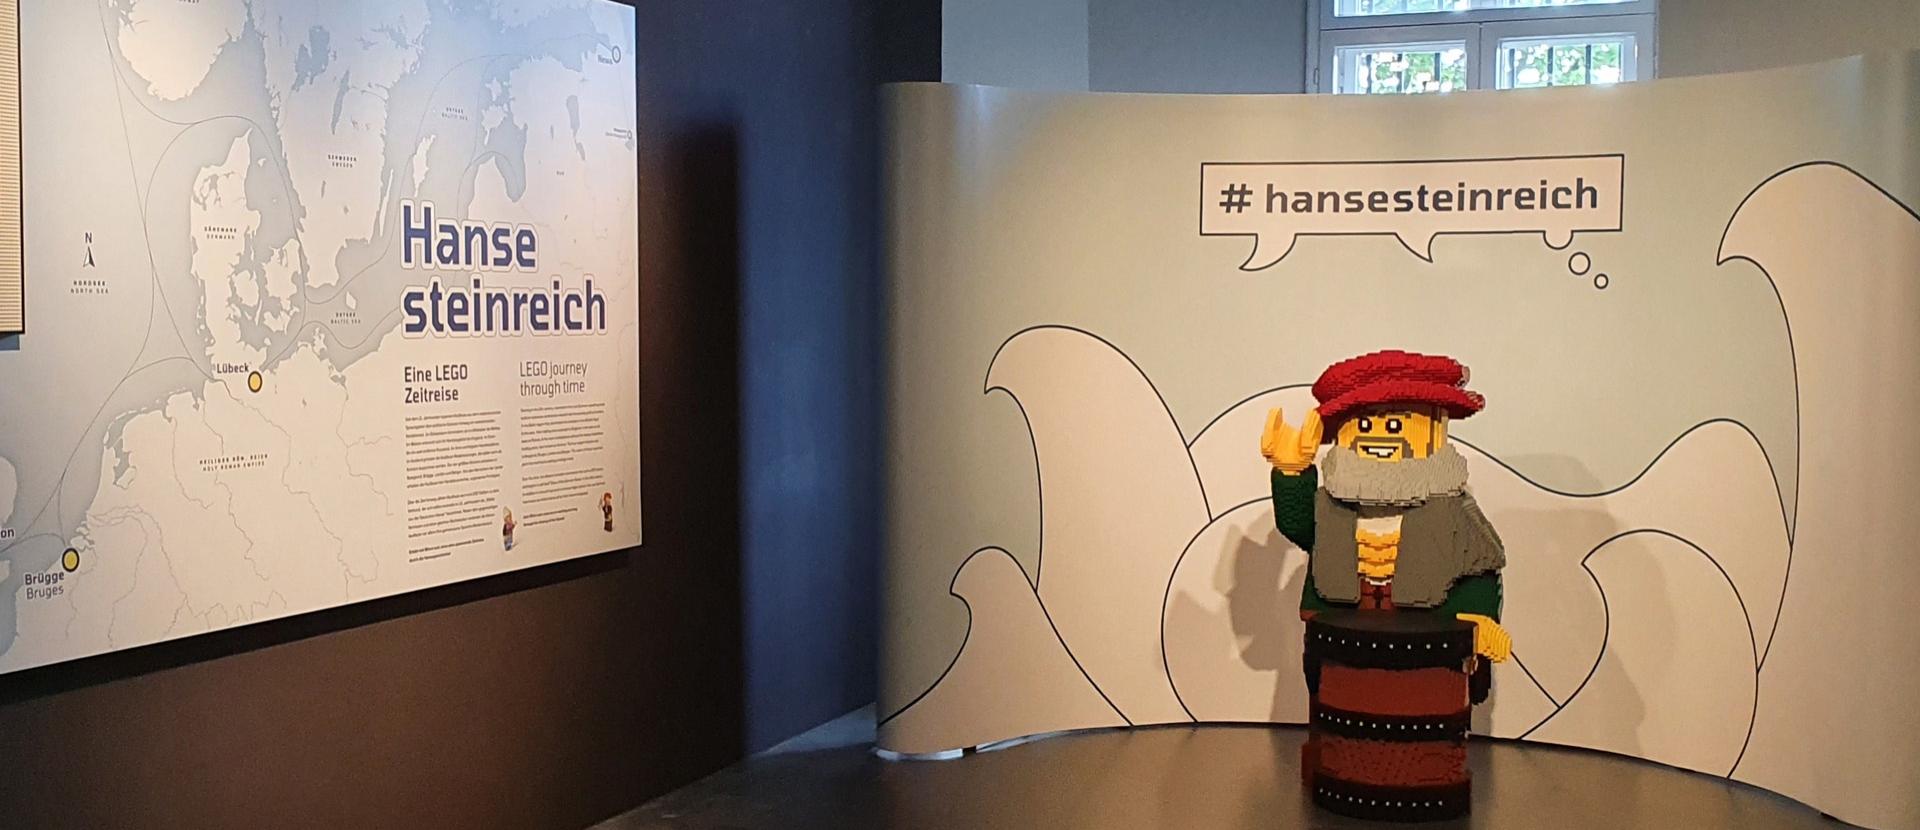 Hanse steinreich. Eine LEGO Zeitreise, Europäisches Hansemuseum Lübeck